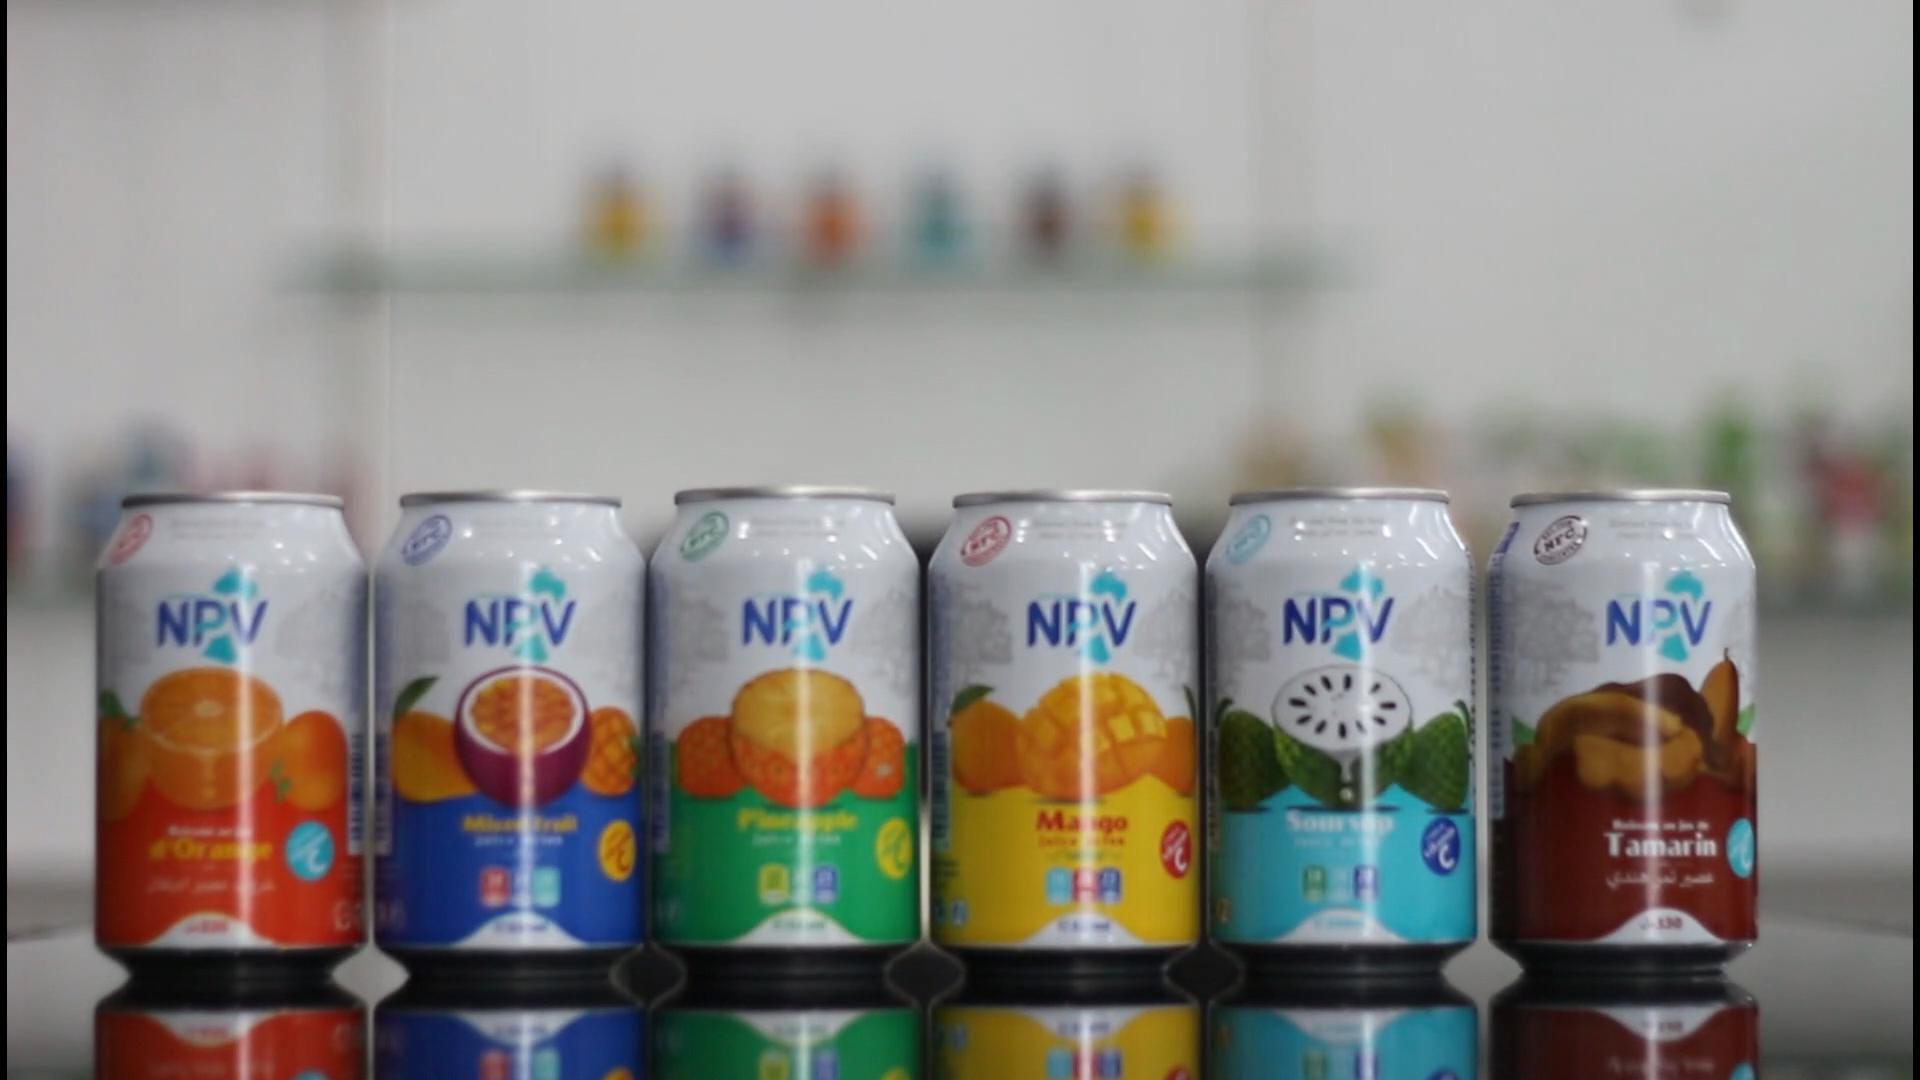 Manufacturer NPV Beverage Free Design 330ml Canned Mix Fruit Juice Drink